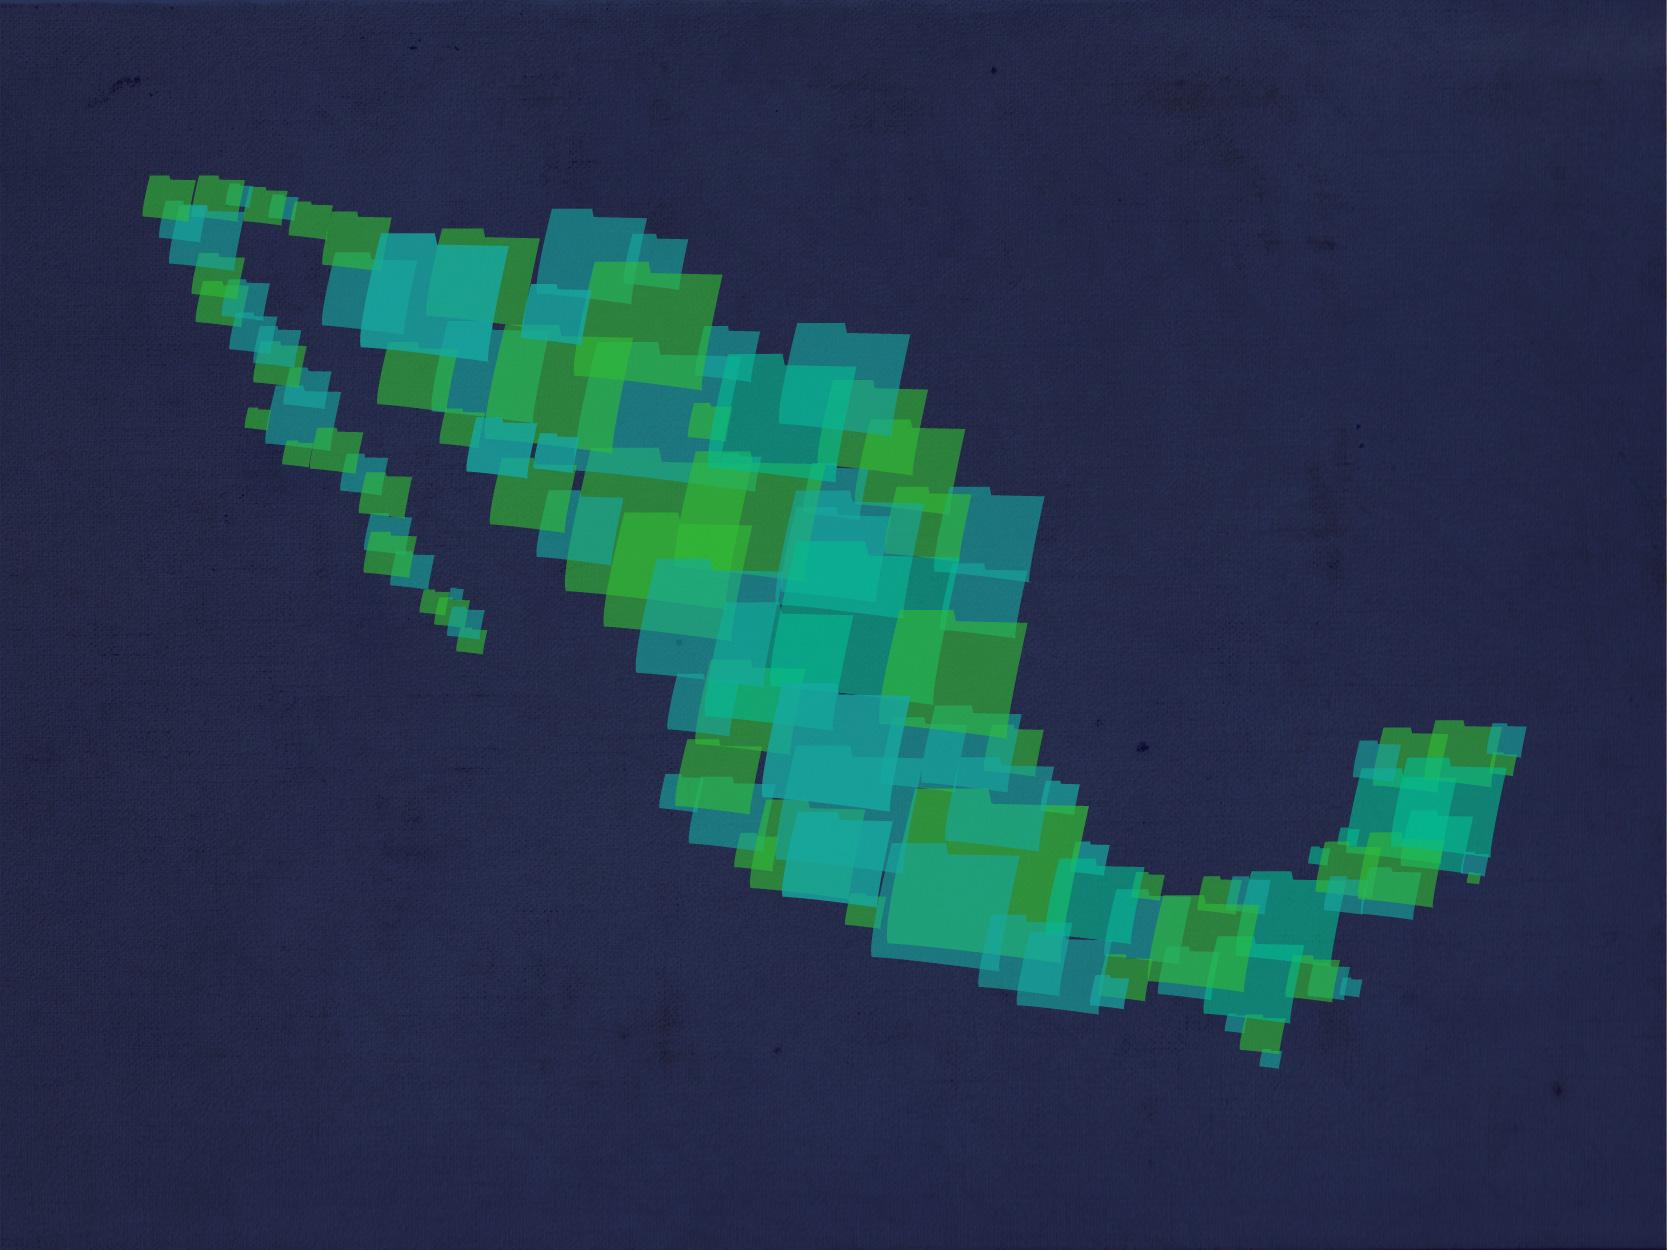 Mapa de México elaborado con carpetas de archivos.